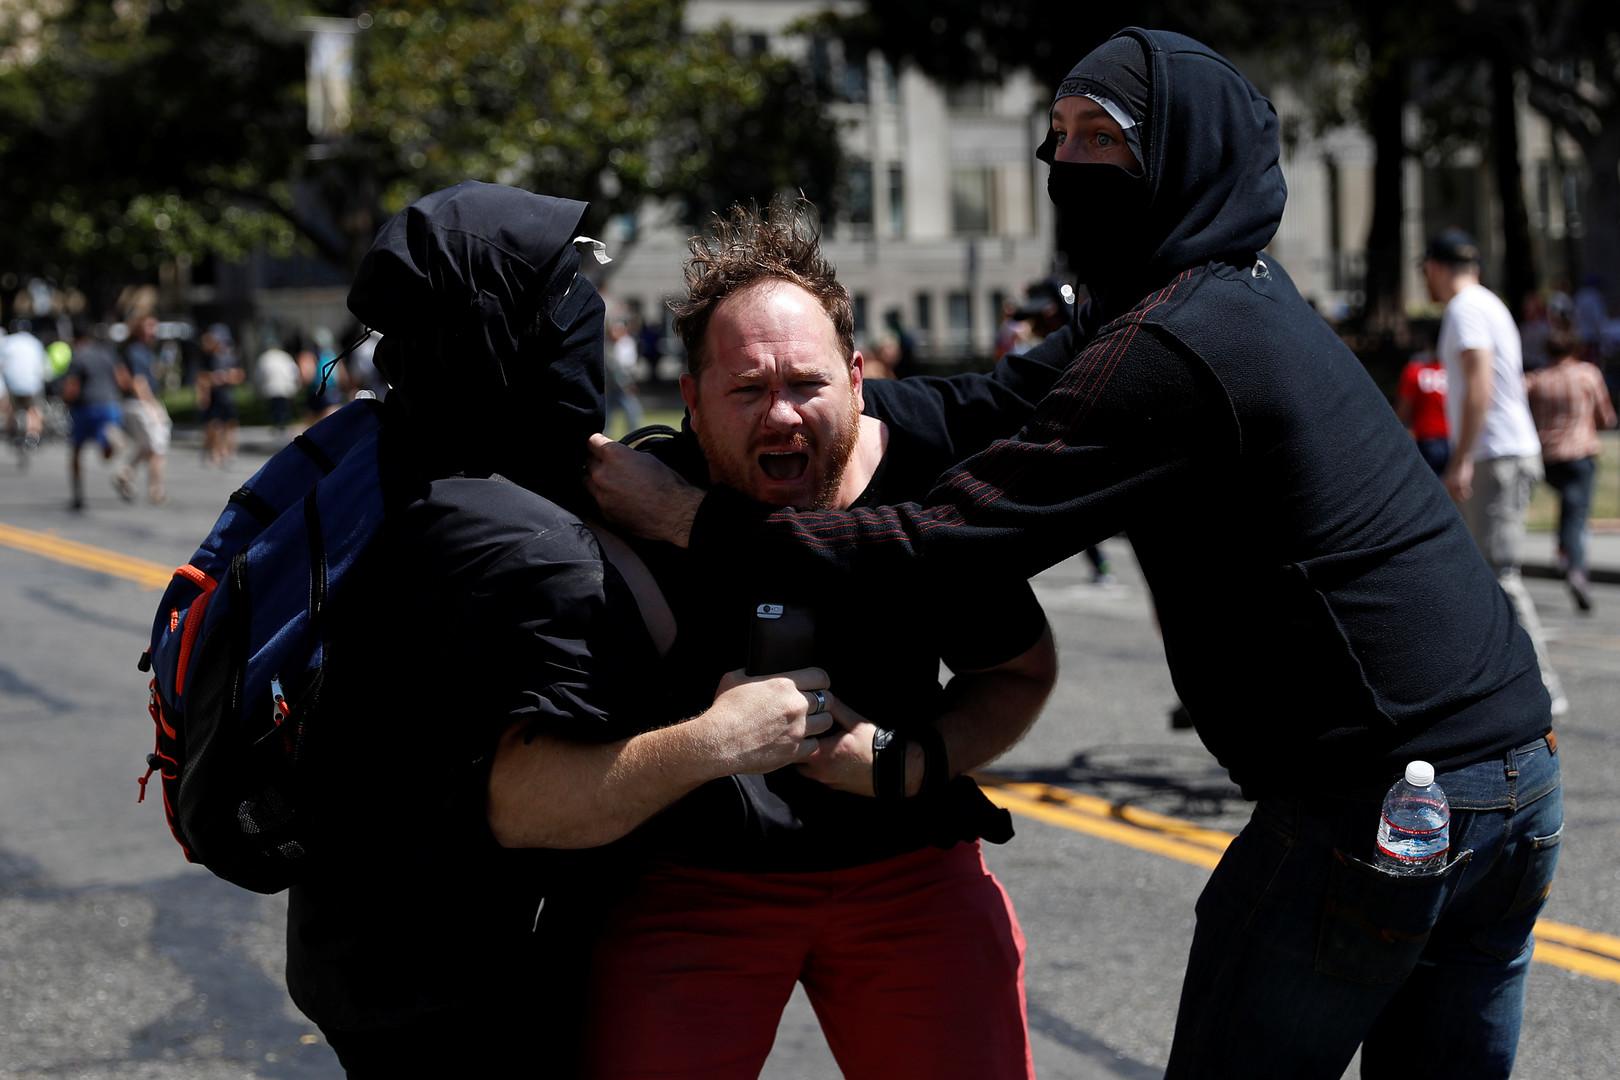 Berkeley : des centaines d'antifas attaquent des partisans de Trump et des journalistes (IMAGES)